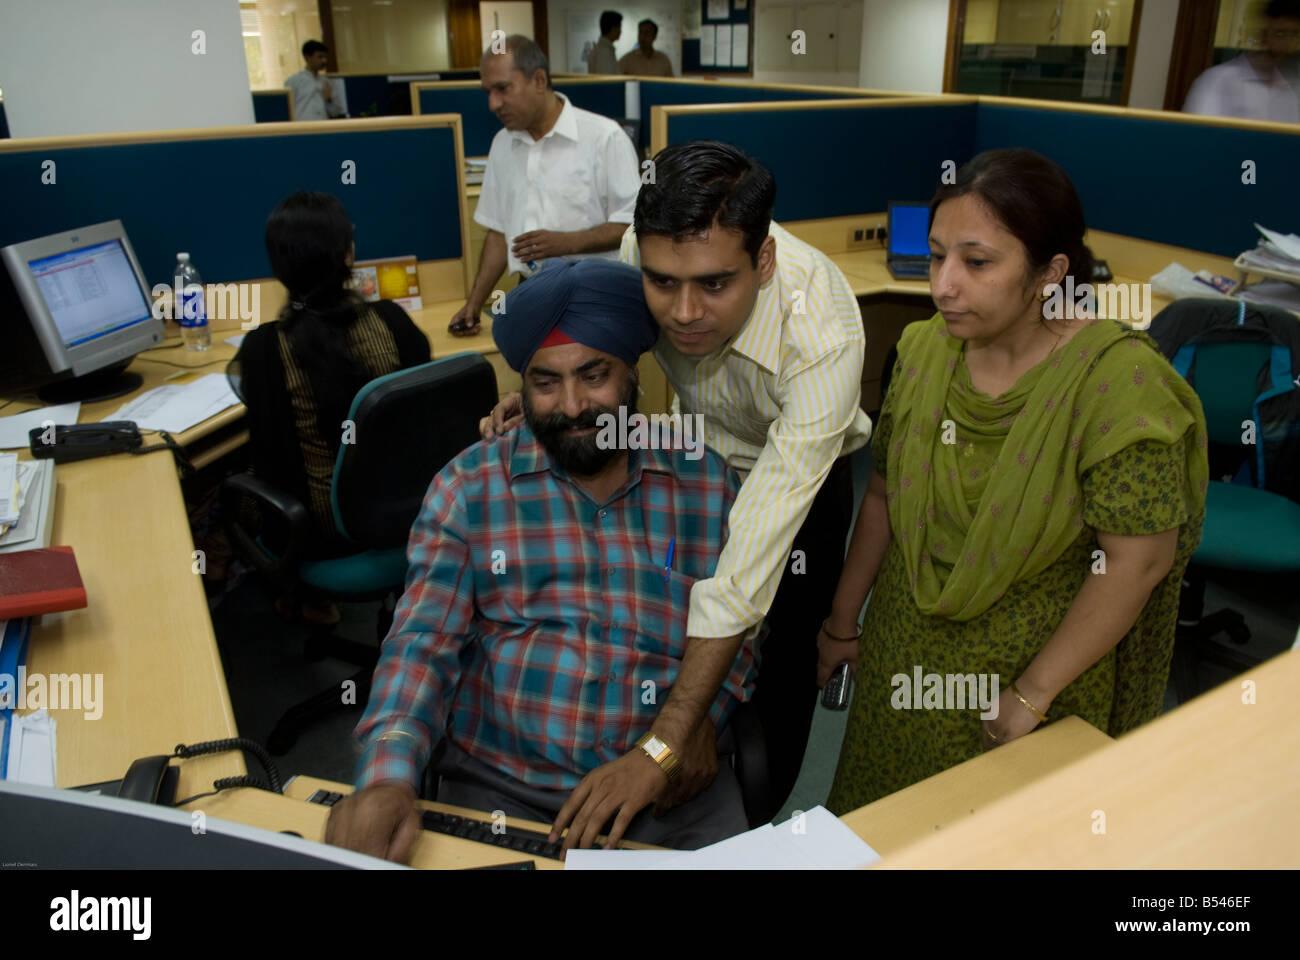 Schneider electric stock photos schneider electric stock images alamy - Schneider electric india offices ...